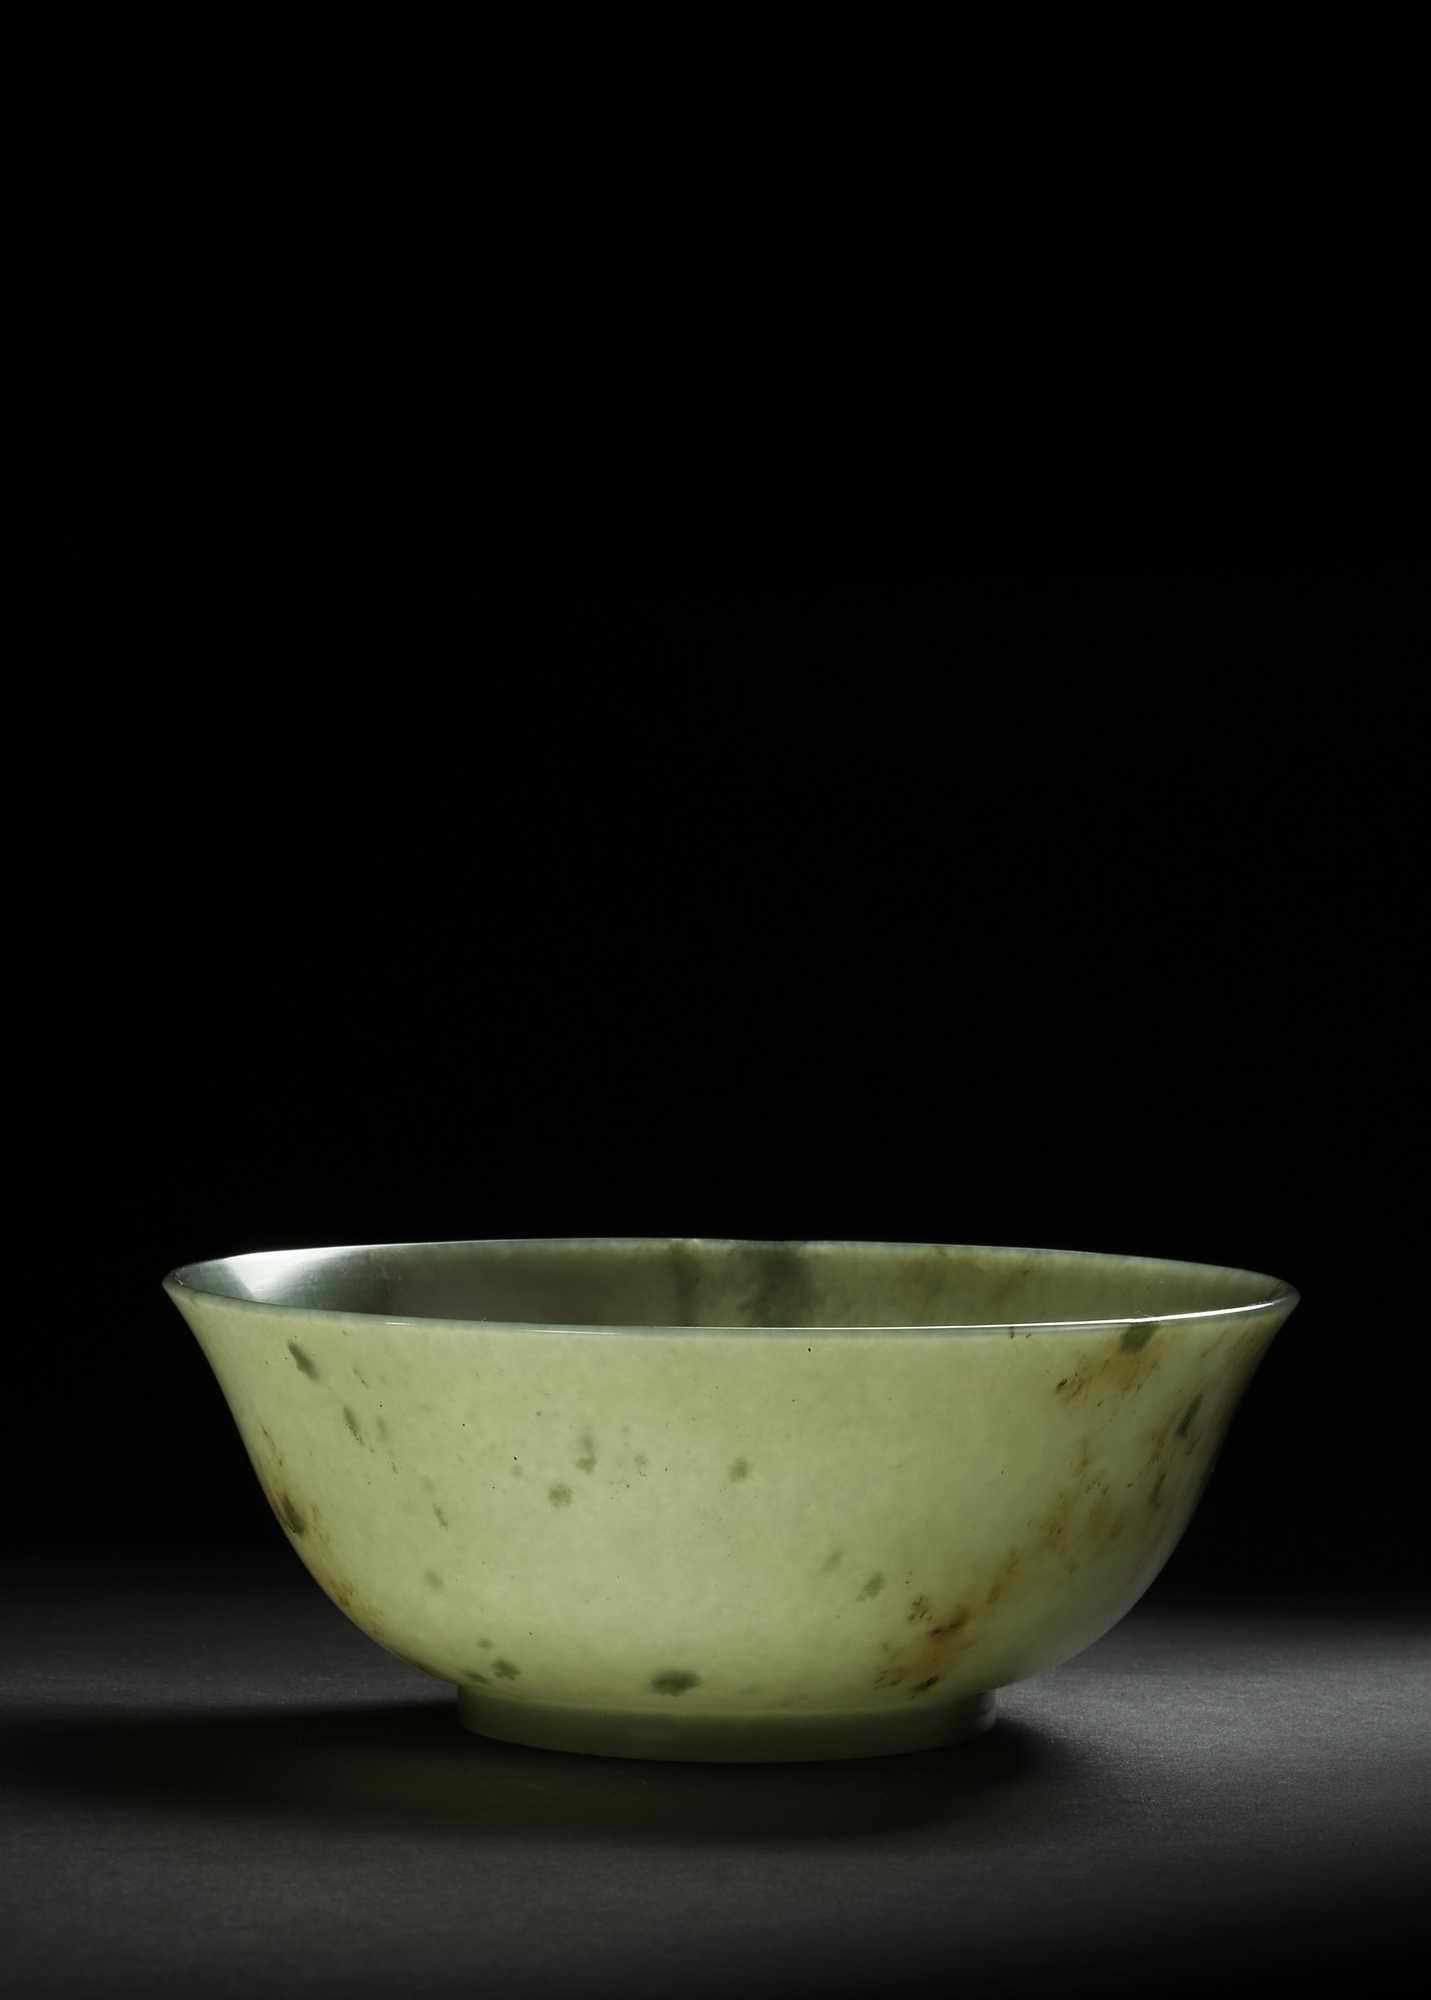 装裱形式:质地:GREENJADEBOWL 清中期青玉碗